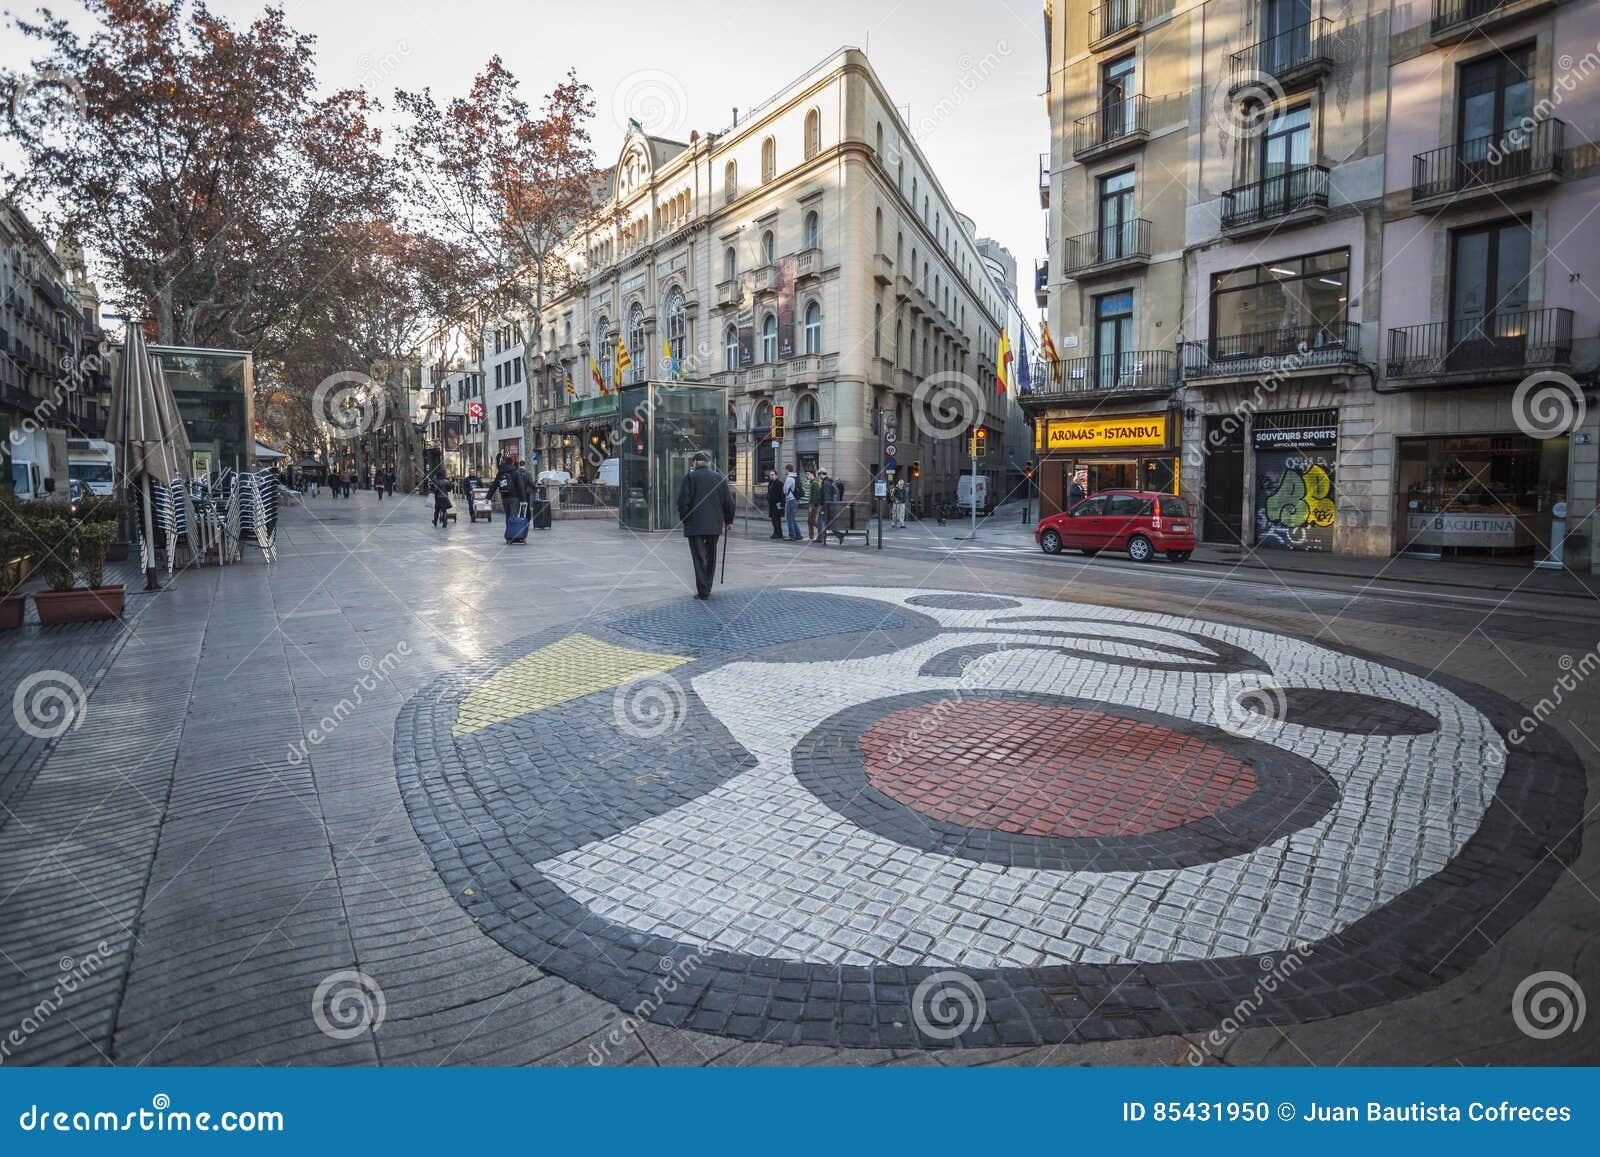 La Rambla, mosaico in pavimentazione, da Joan Miro, situato in Pla de la Boqueria, Barcellona